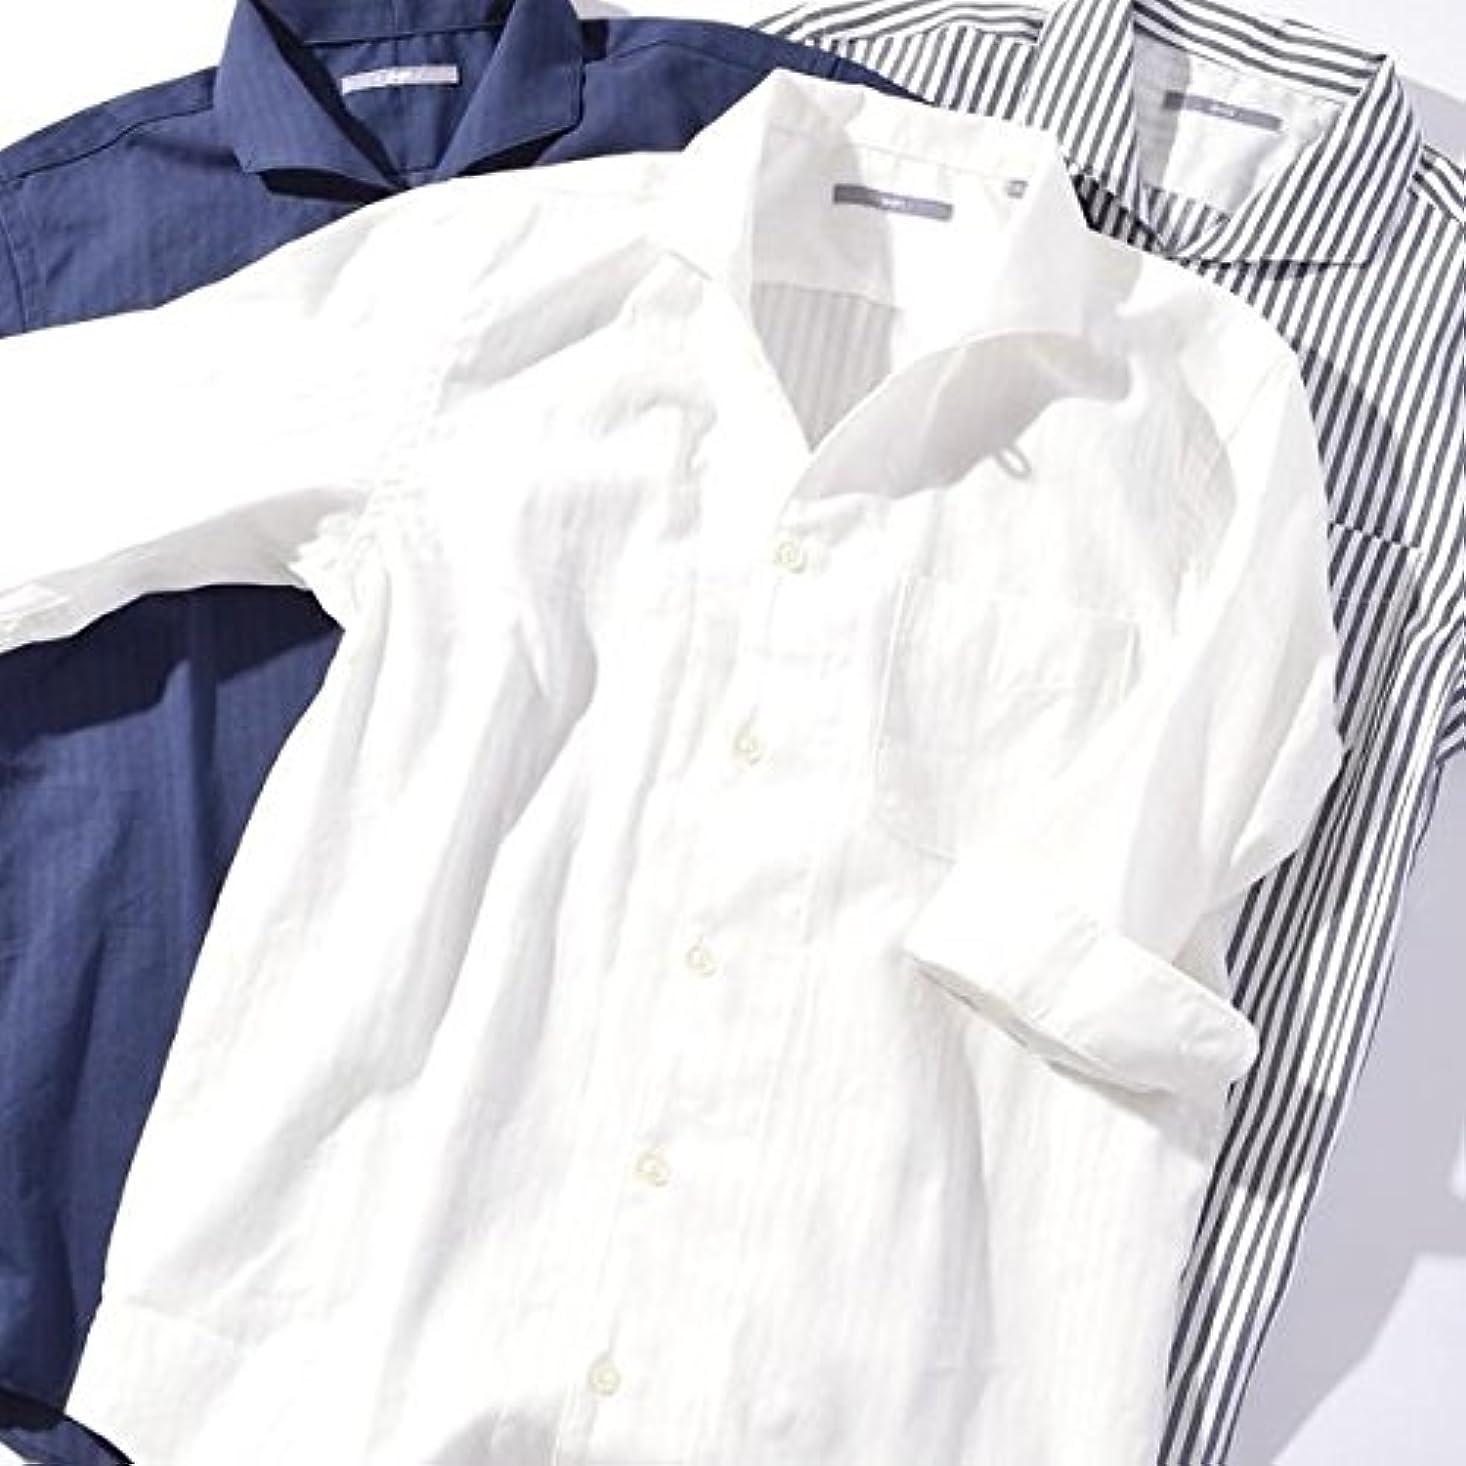 威信桃群集シップス(メンズ)(SHIPS) SU: アーバンカラー 7スリーブシャツ【ホワイト/LARGE】